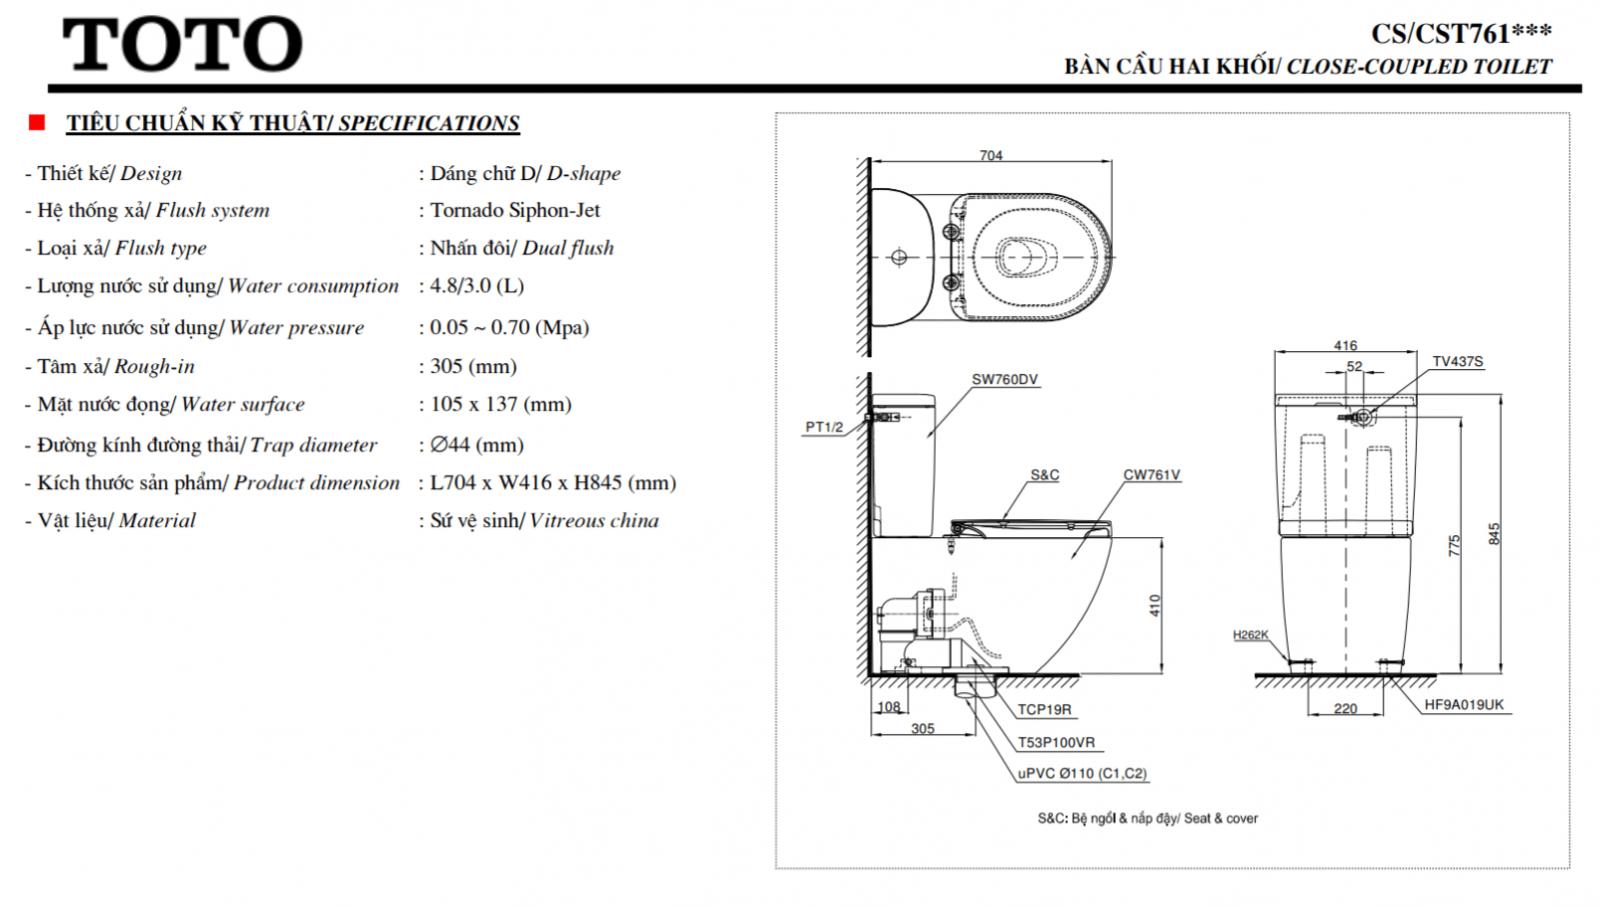 Thông số kĩ thuật bồn cầu 2 khối toto washlet CS761